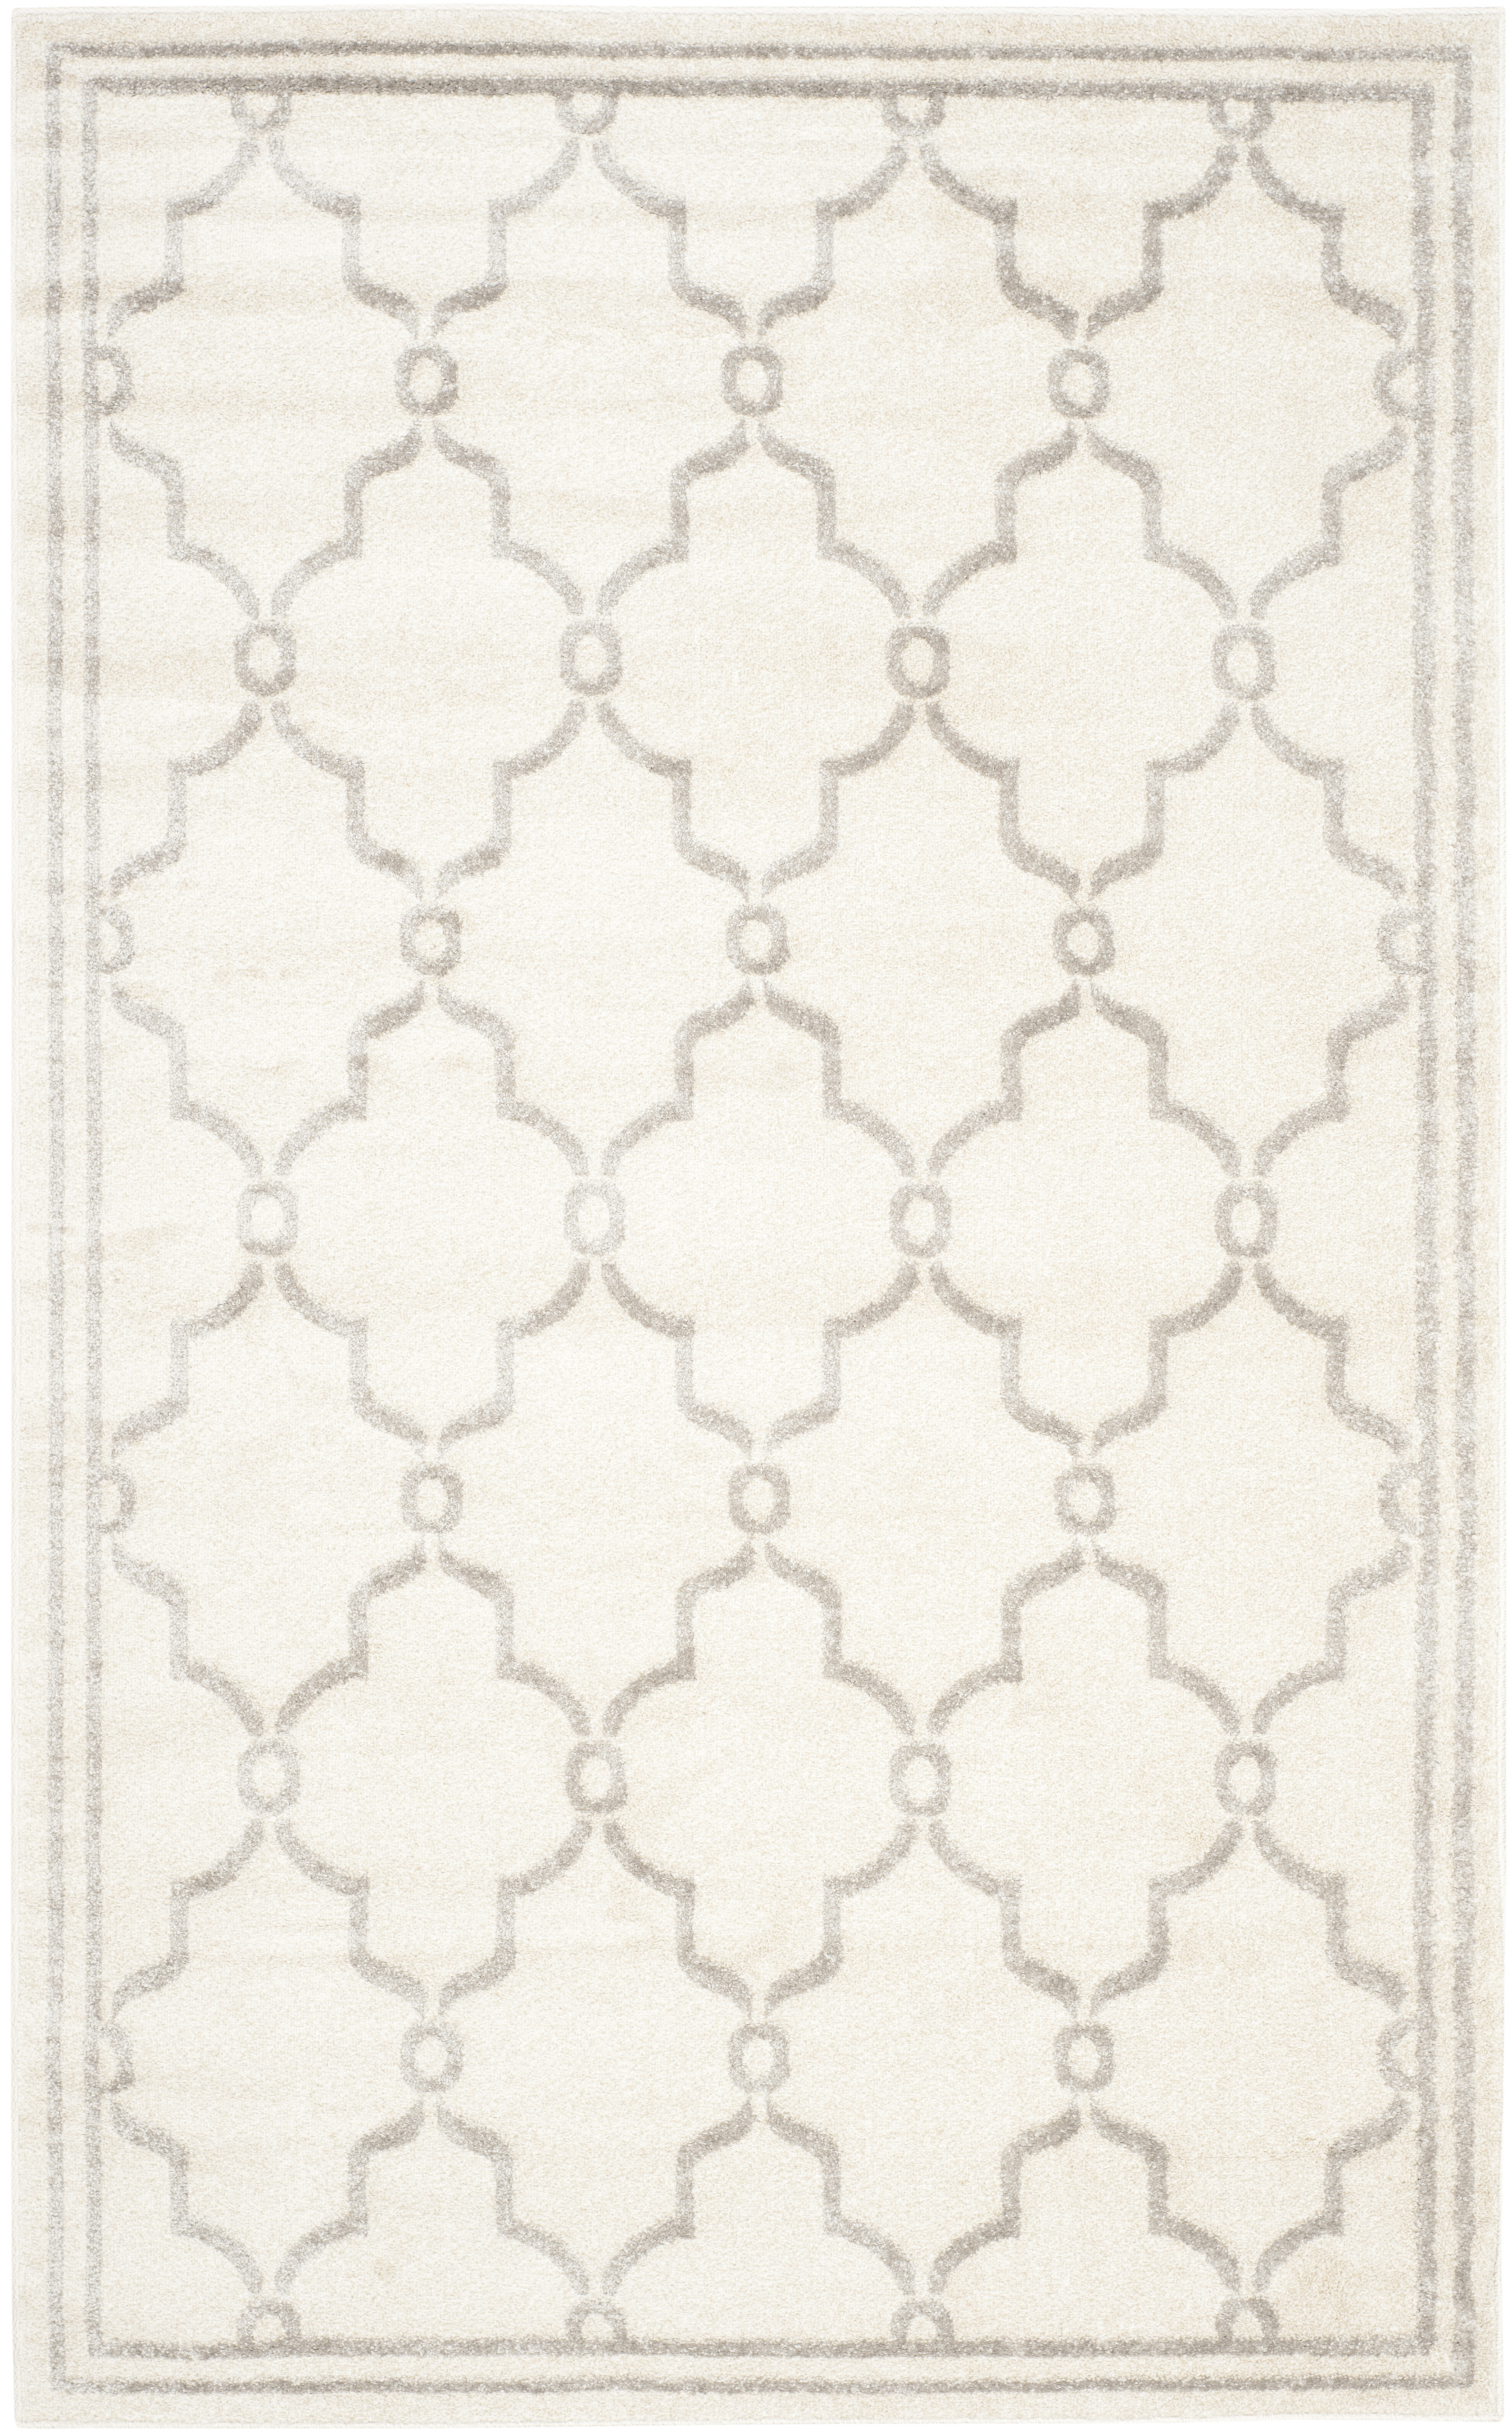 Tapis géométrique intérieur/extérieur  ivoire et gris clair 1...